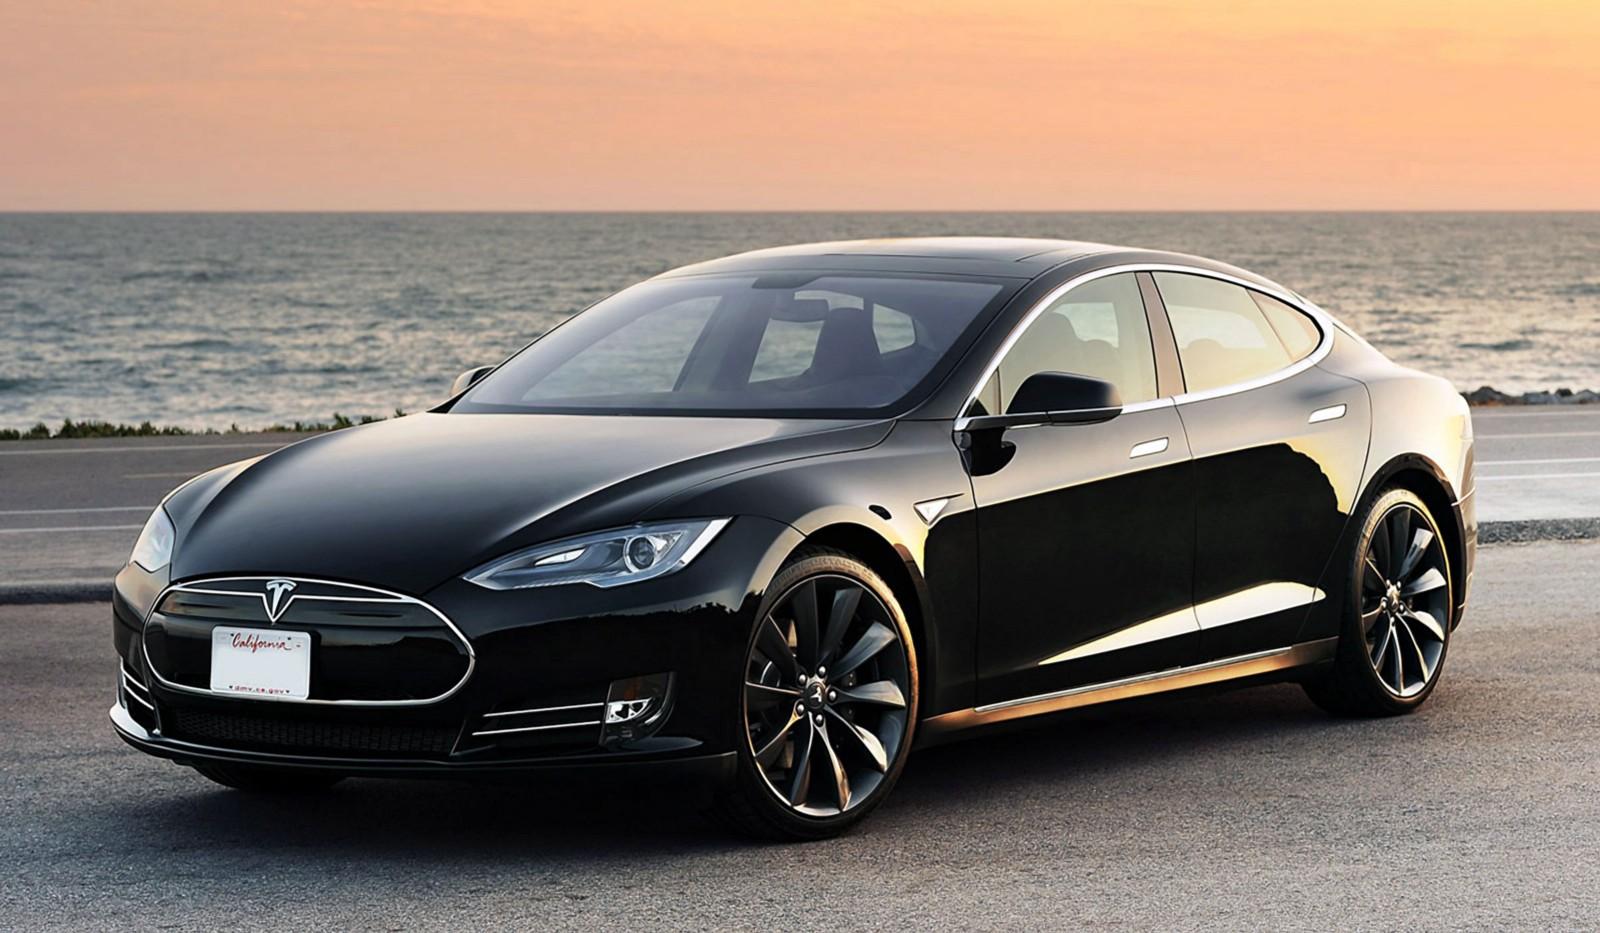 Tesla_Model_S_medium.com